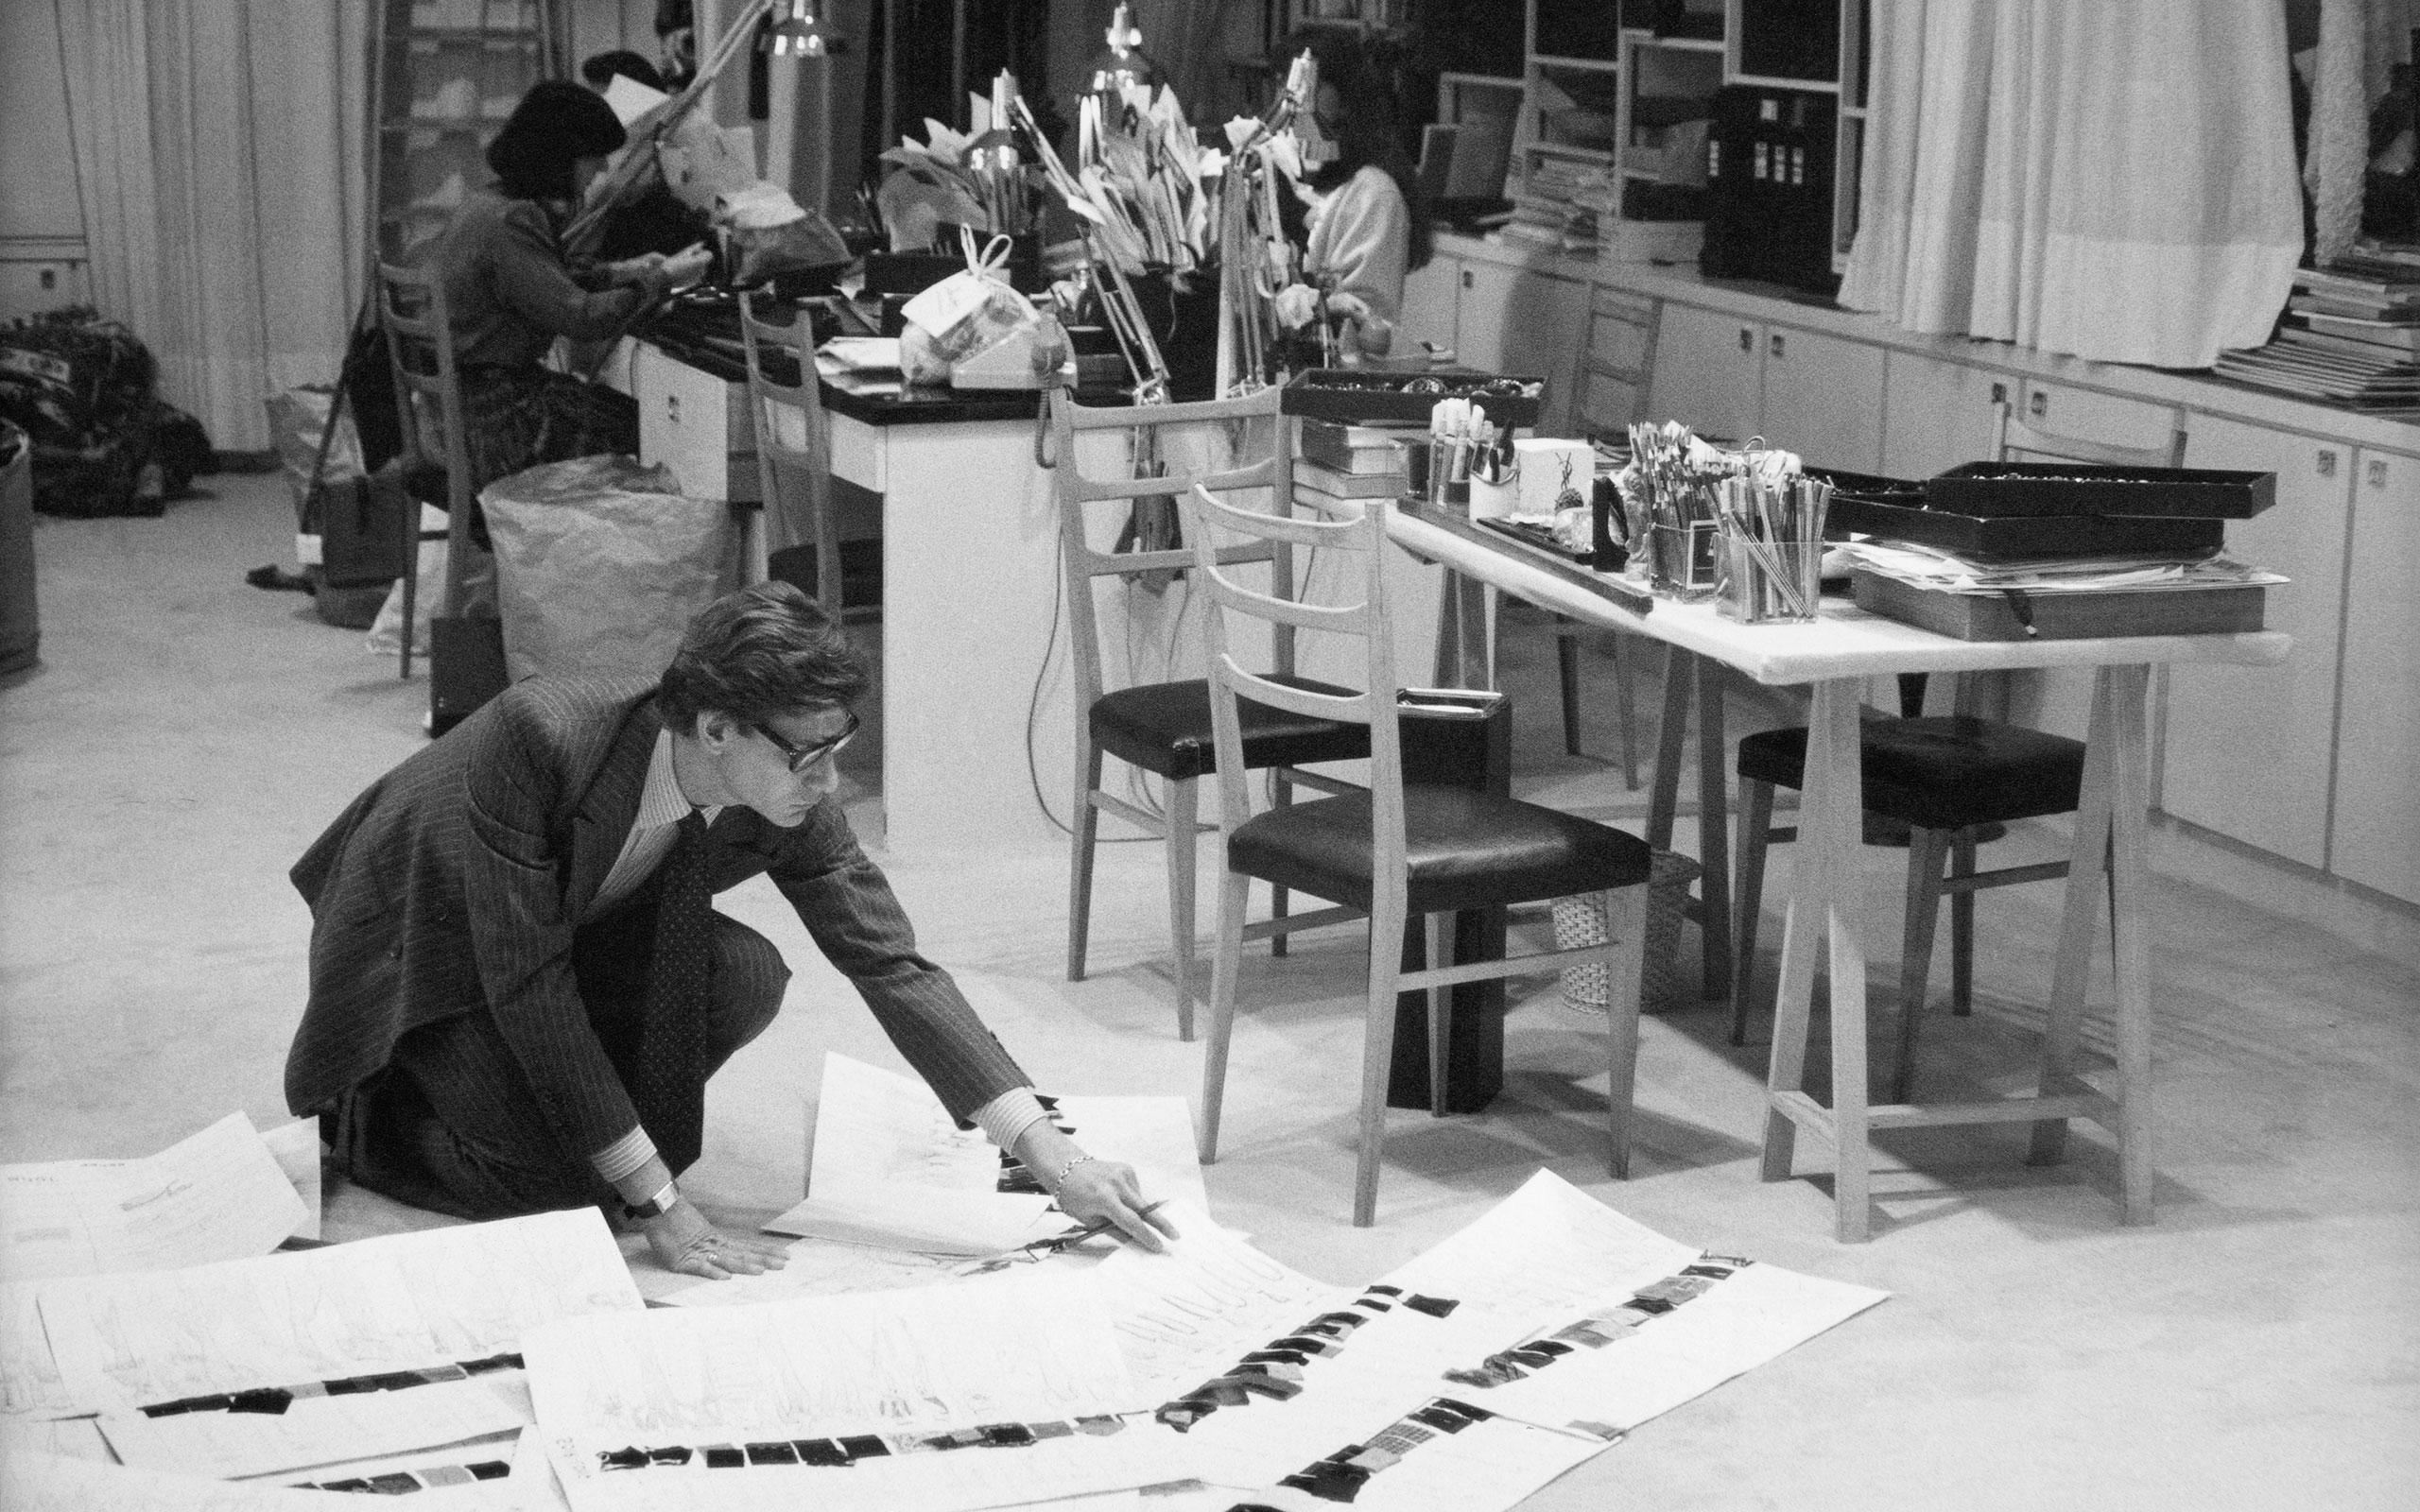 Fondation Pierre Bergé-Yves Saint Laurent Opened Musée Yves Saint Laurent At Paris